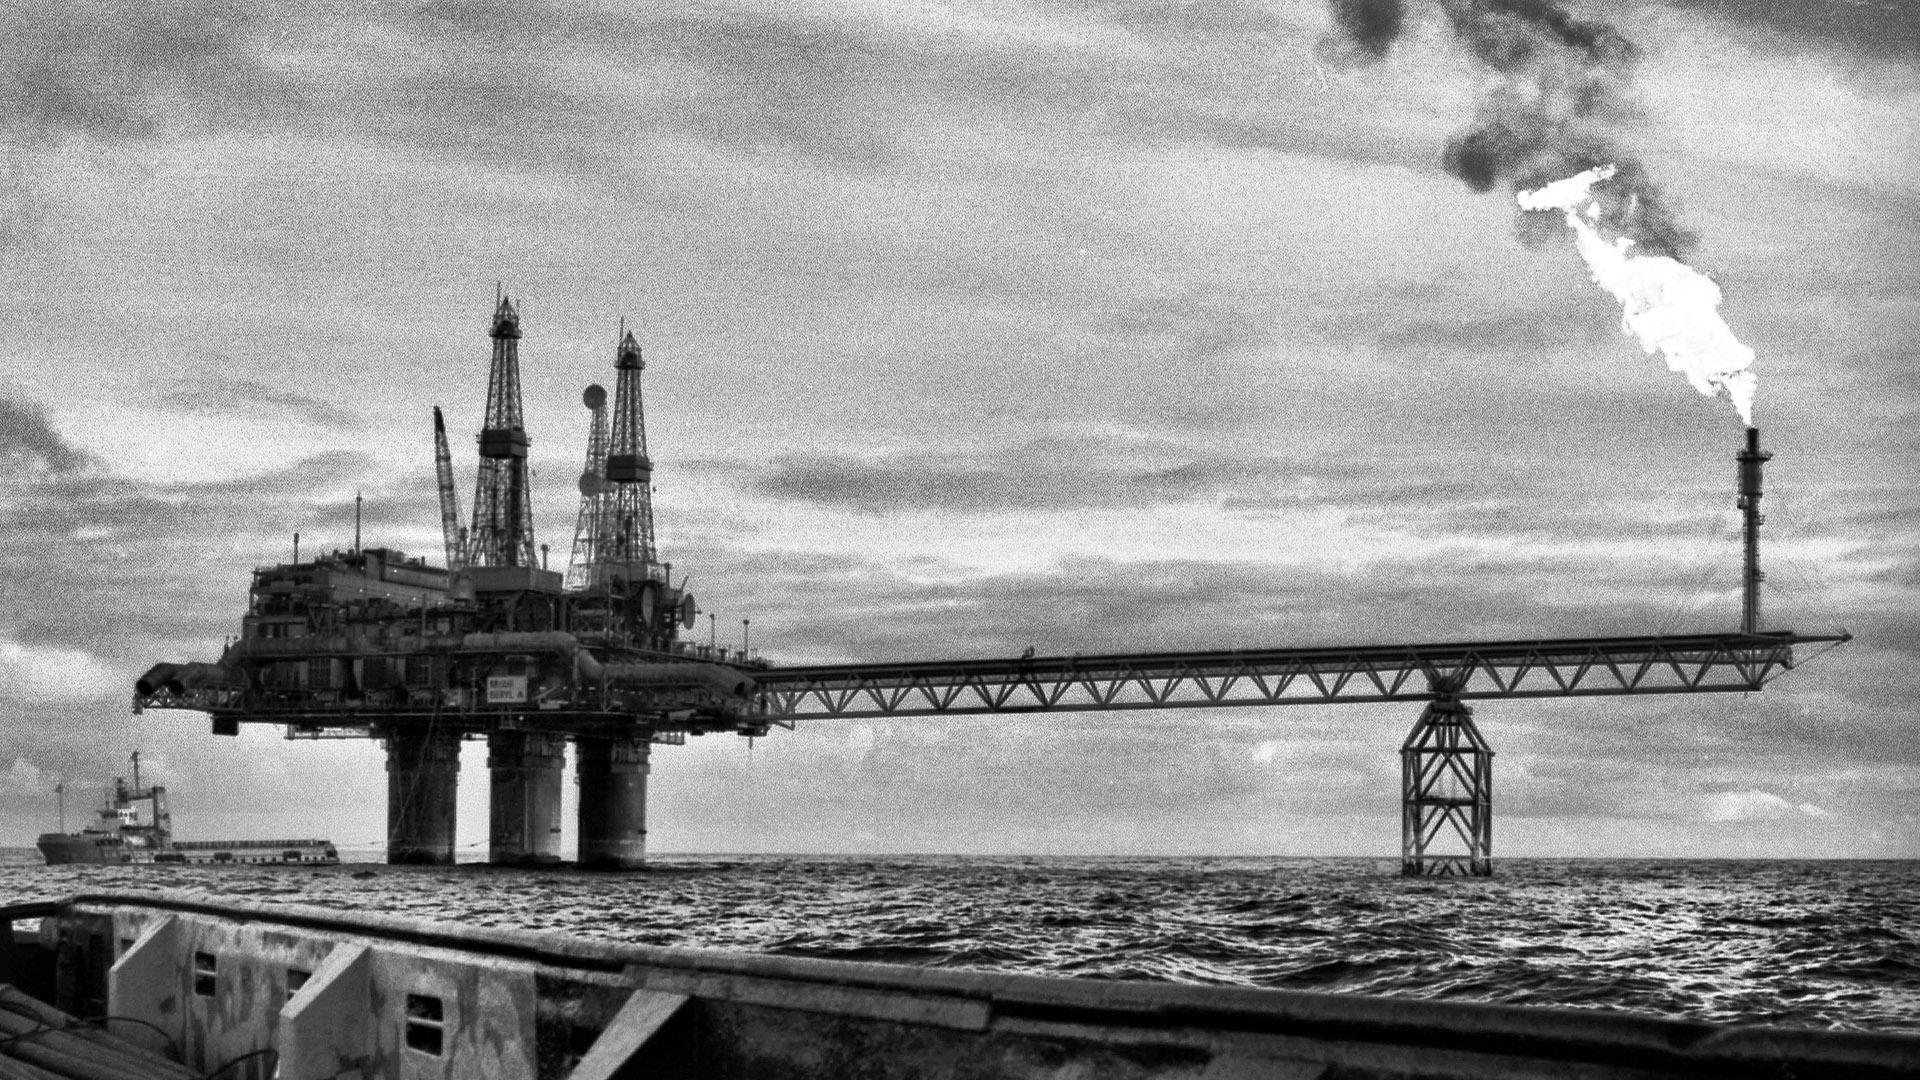 00_oil platform